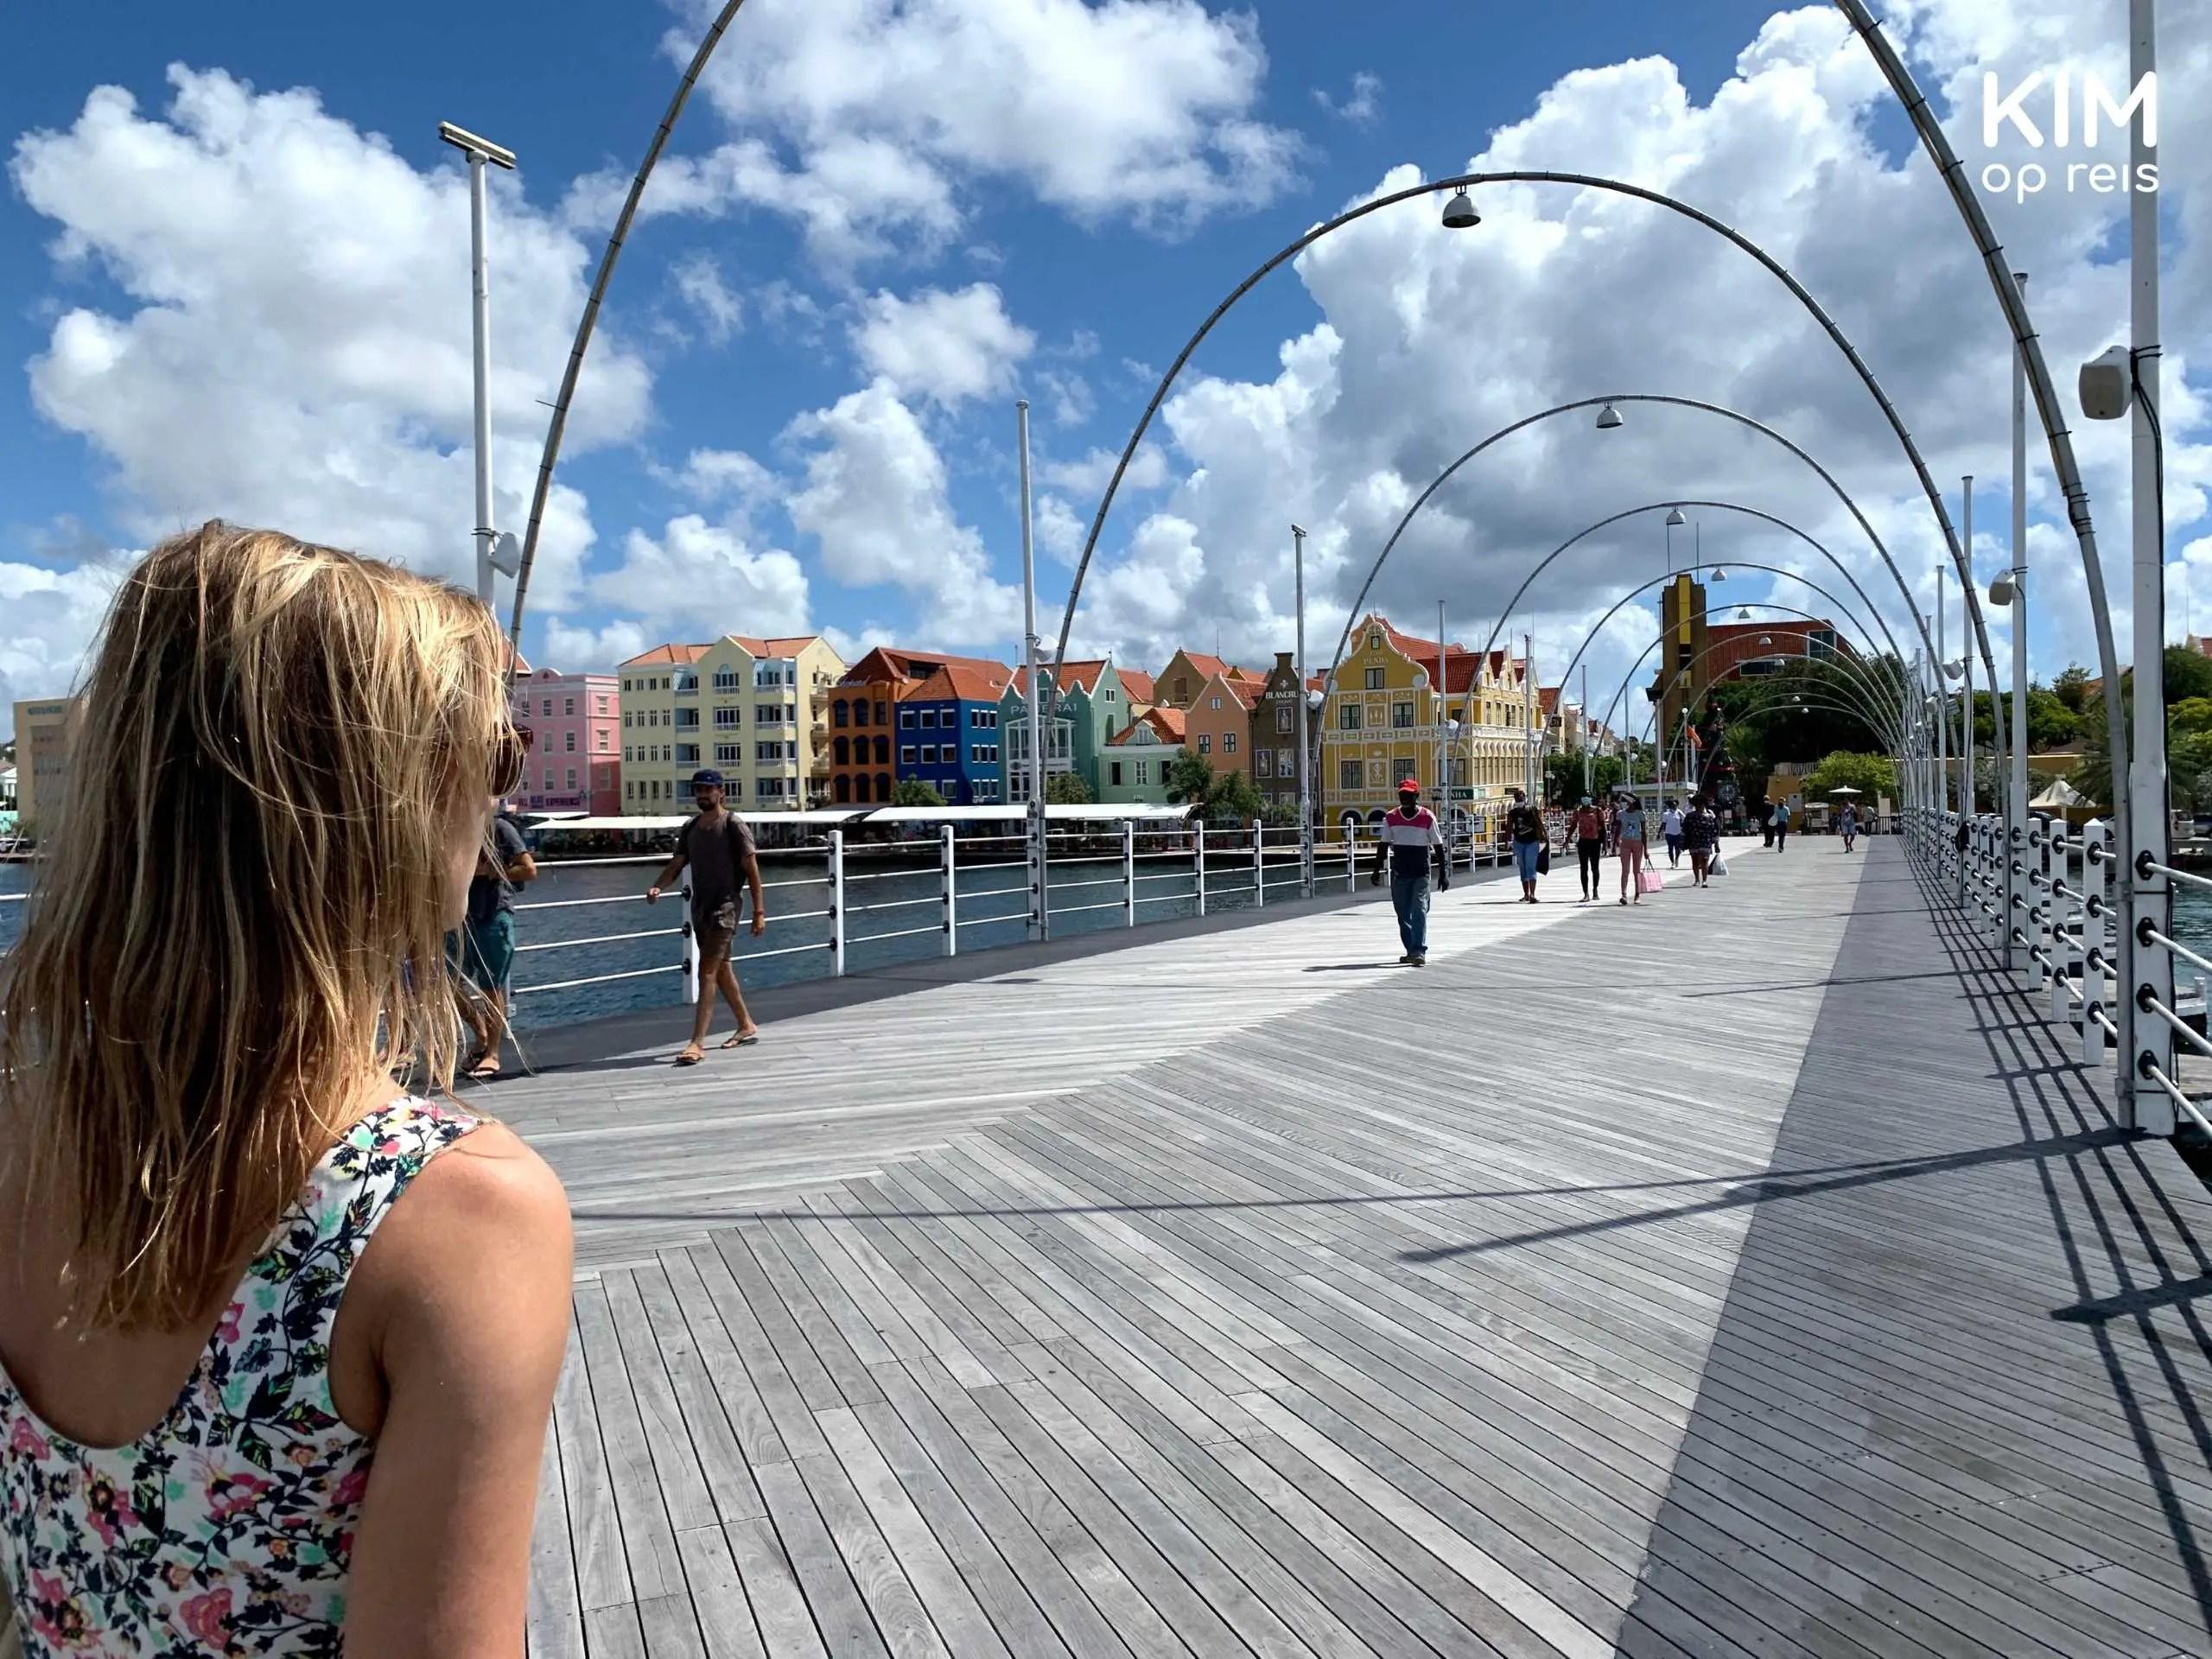 Willemstad Pontjesbrug Curaçao: in de linkerhoek wandelt een vrouw de brug op, voor haar ligt de brug waarop enkele mensen haar tegemoet komen